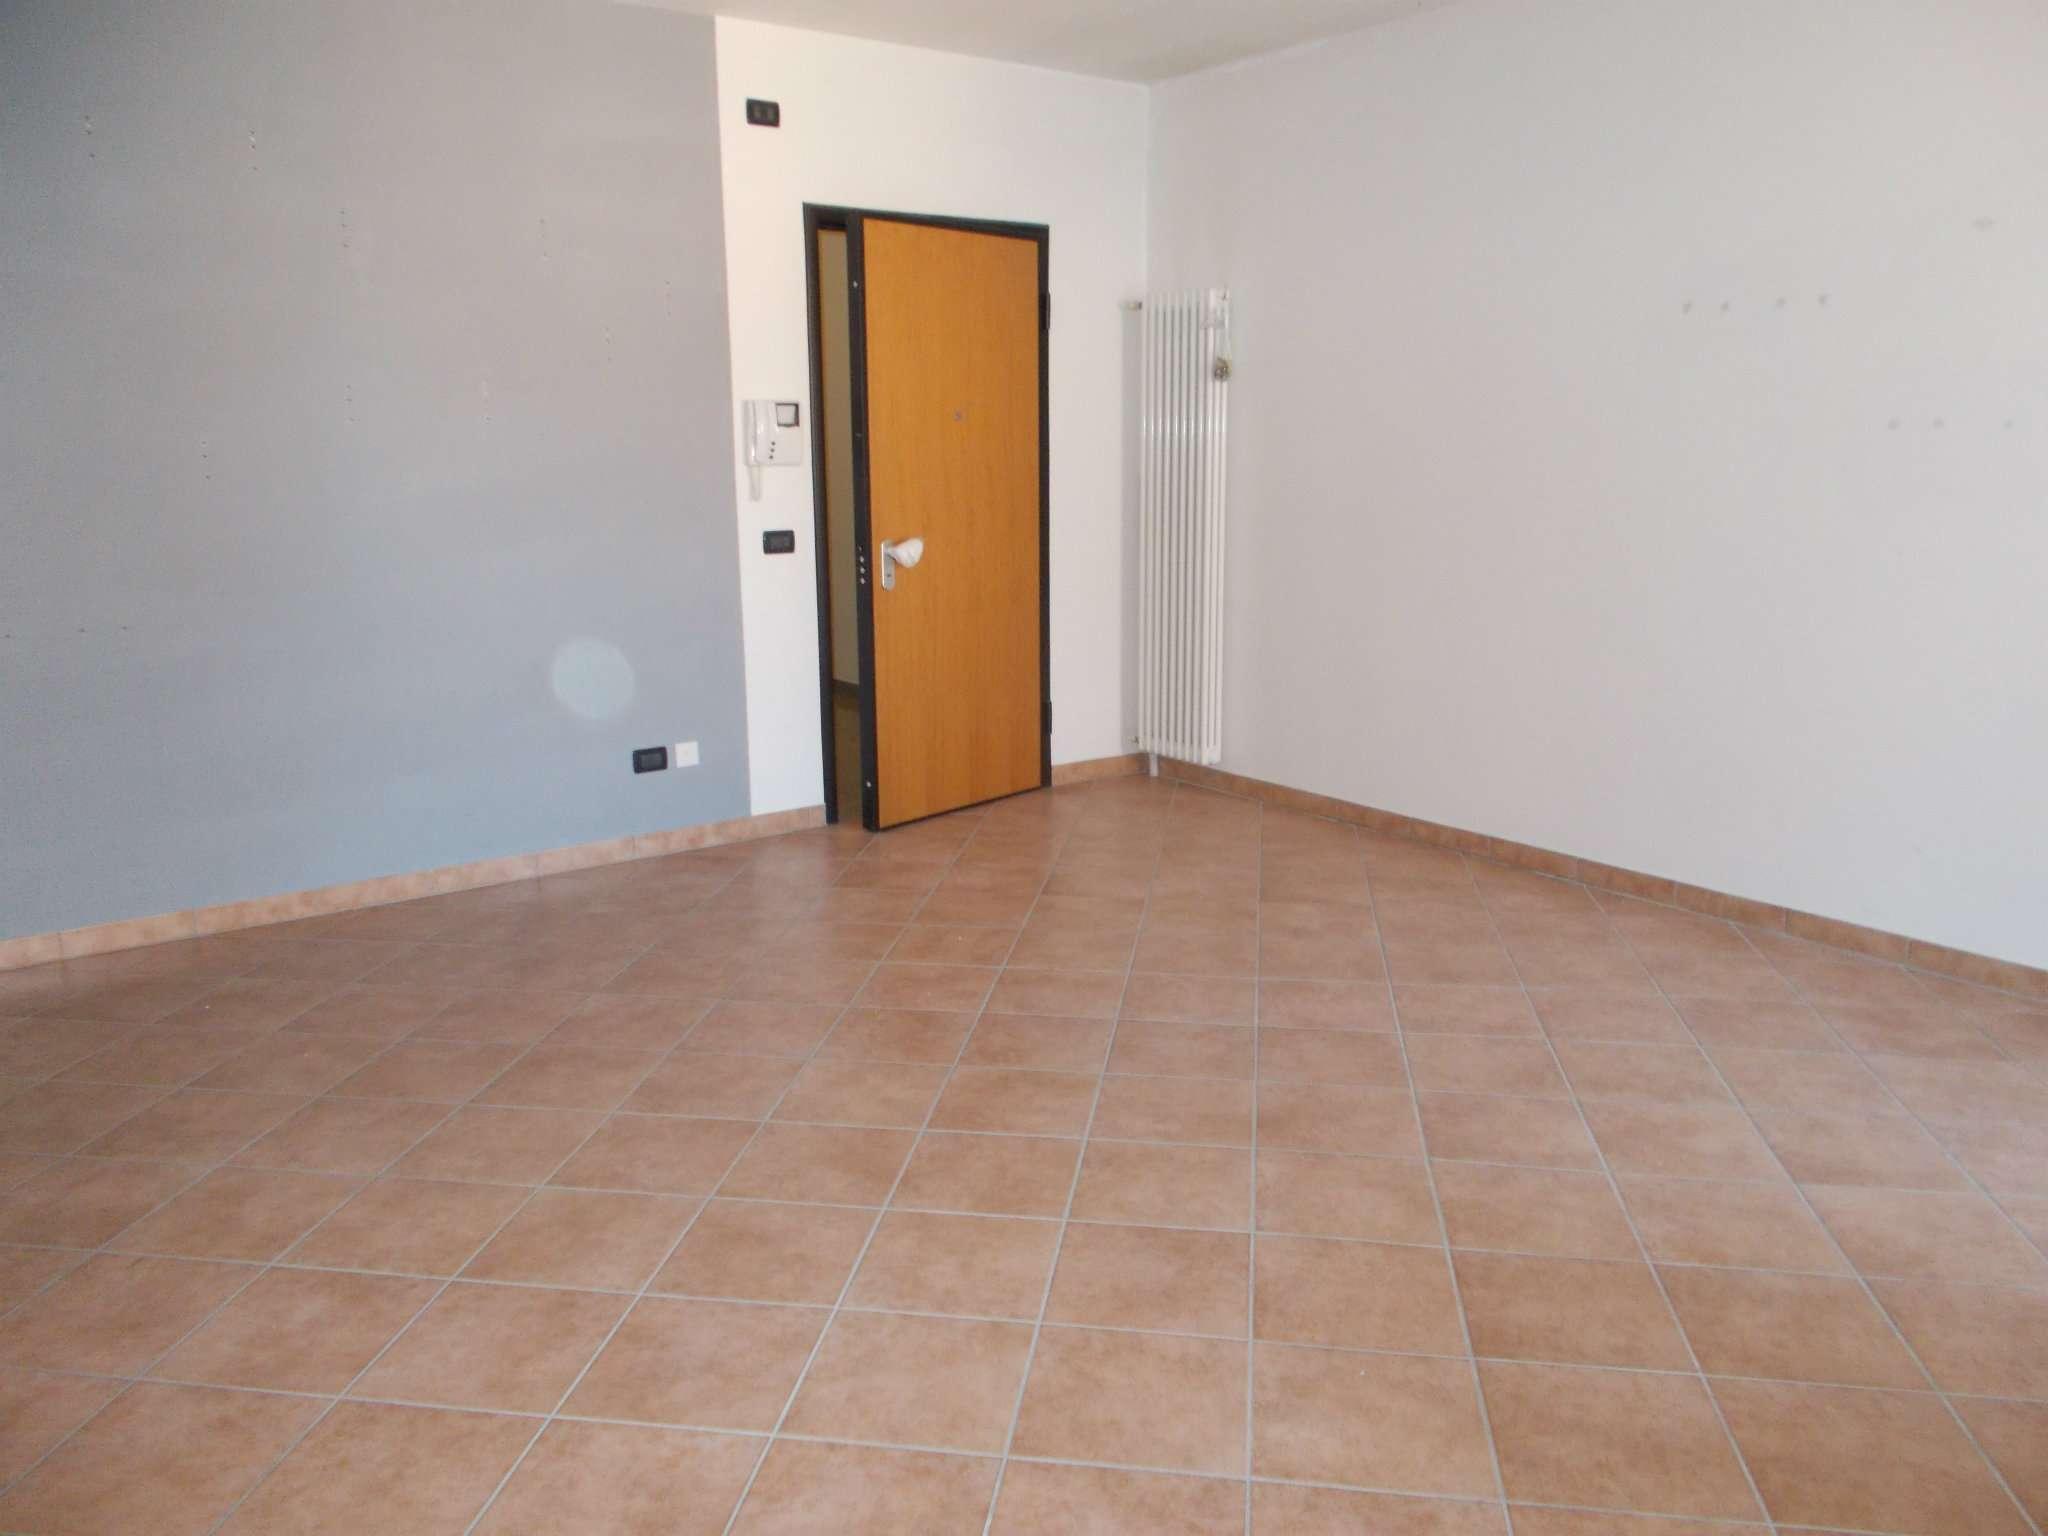 Appartamento in vendita a Quattro Castella, 3 locali, prezzo € 135.000   CambioCasa.it